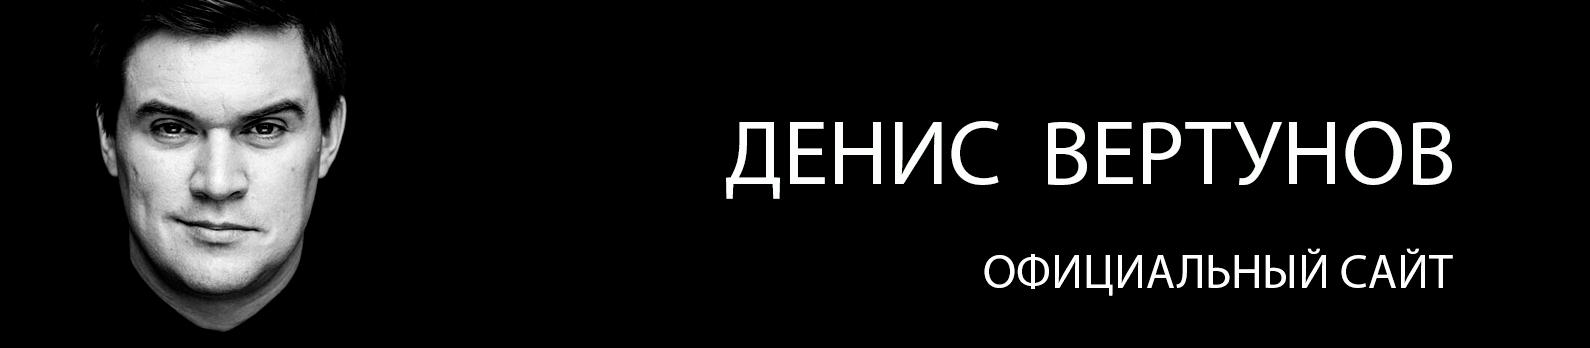 Денис Вертунов Лого